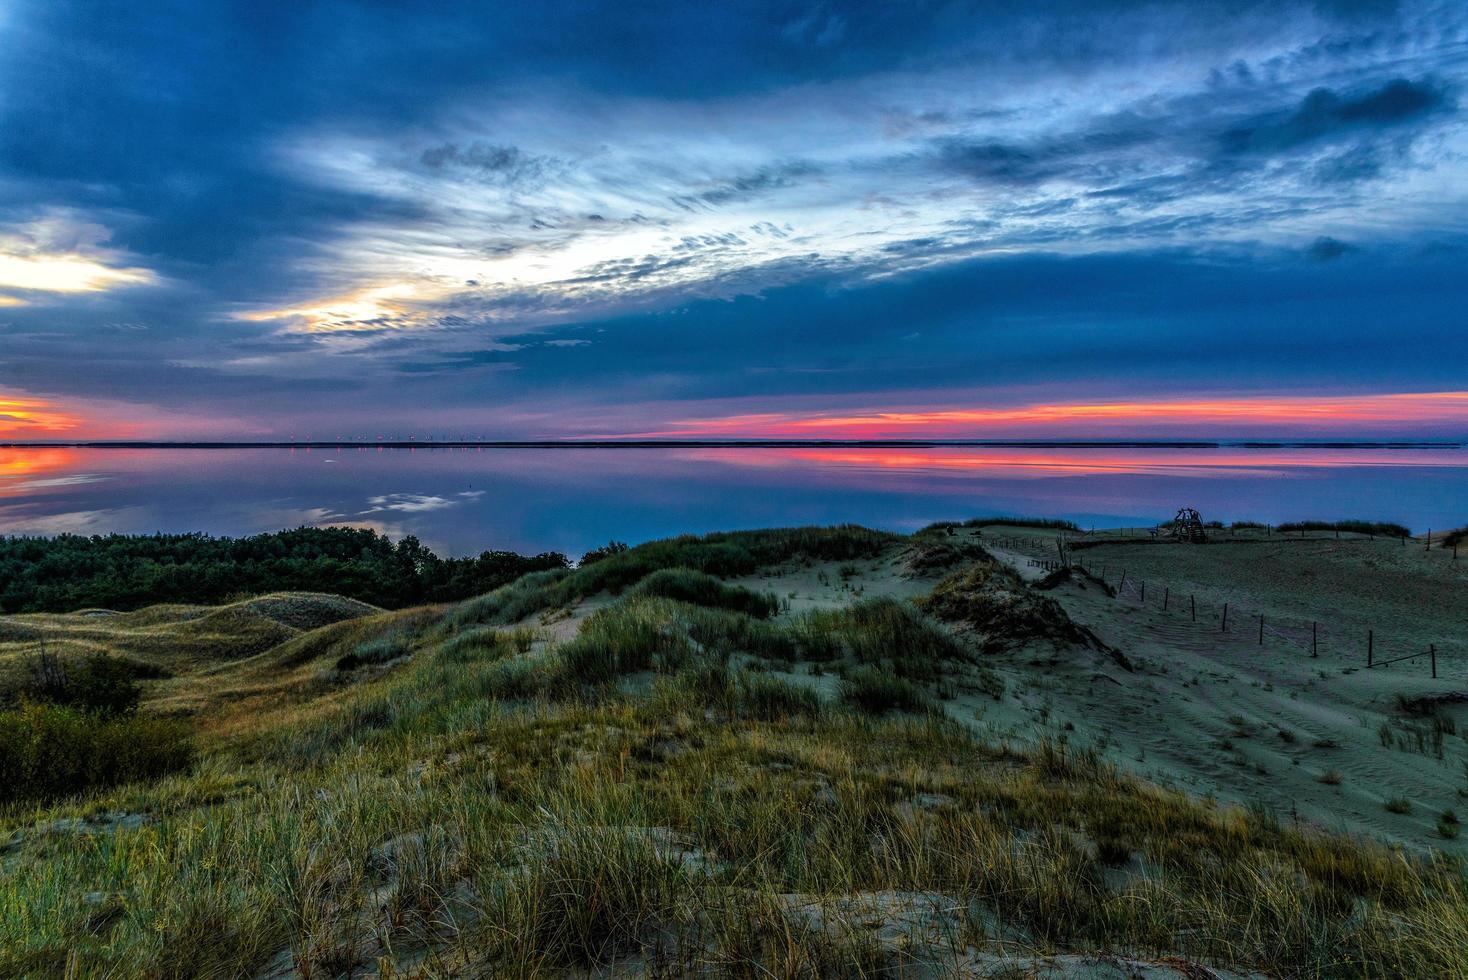 specchio d'acqua e dune durante il tramonto foto